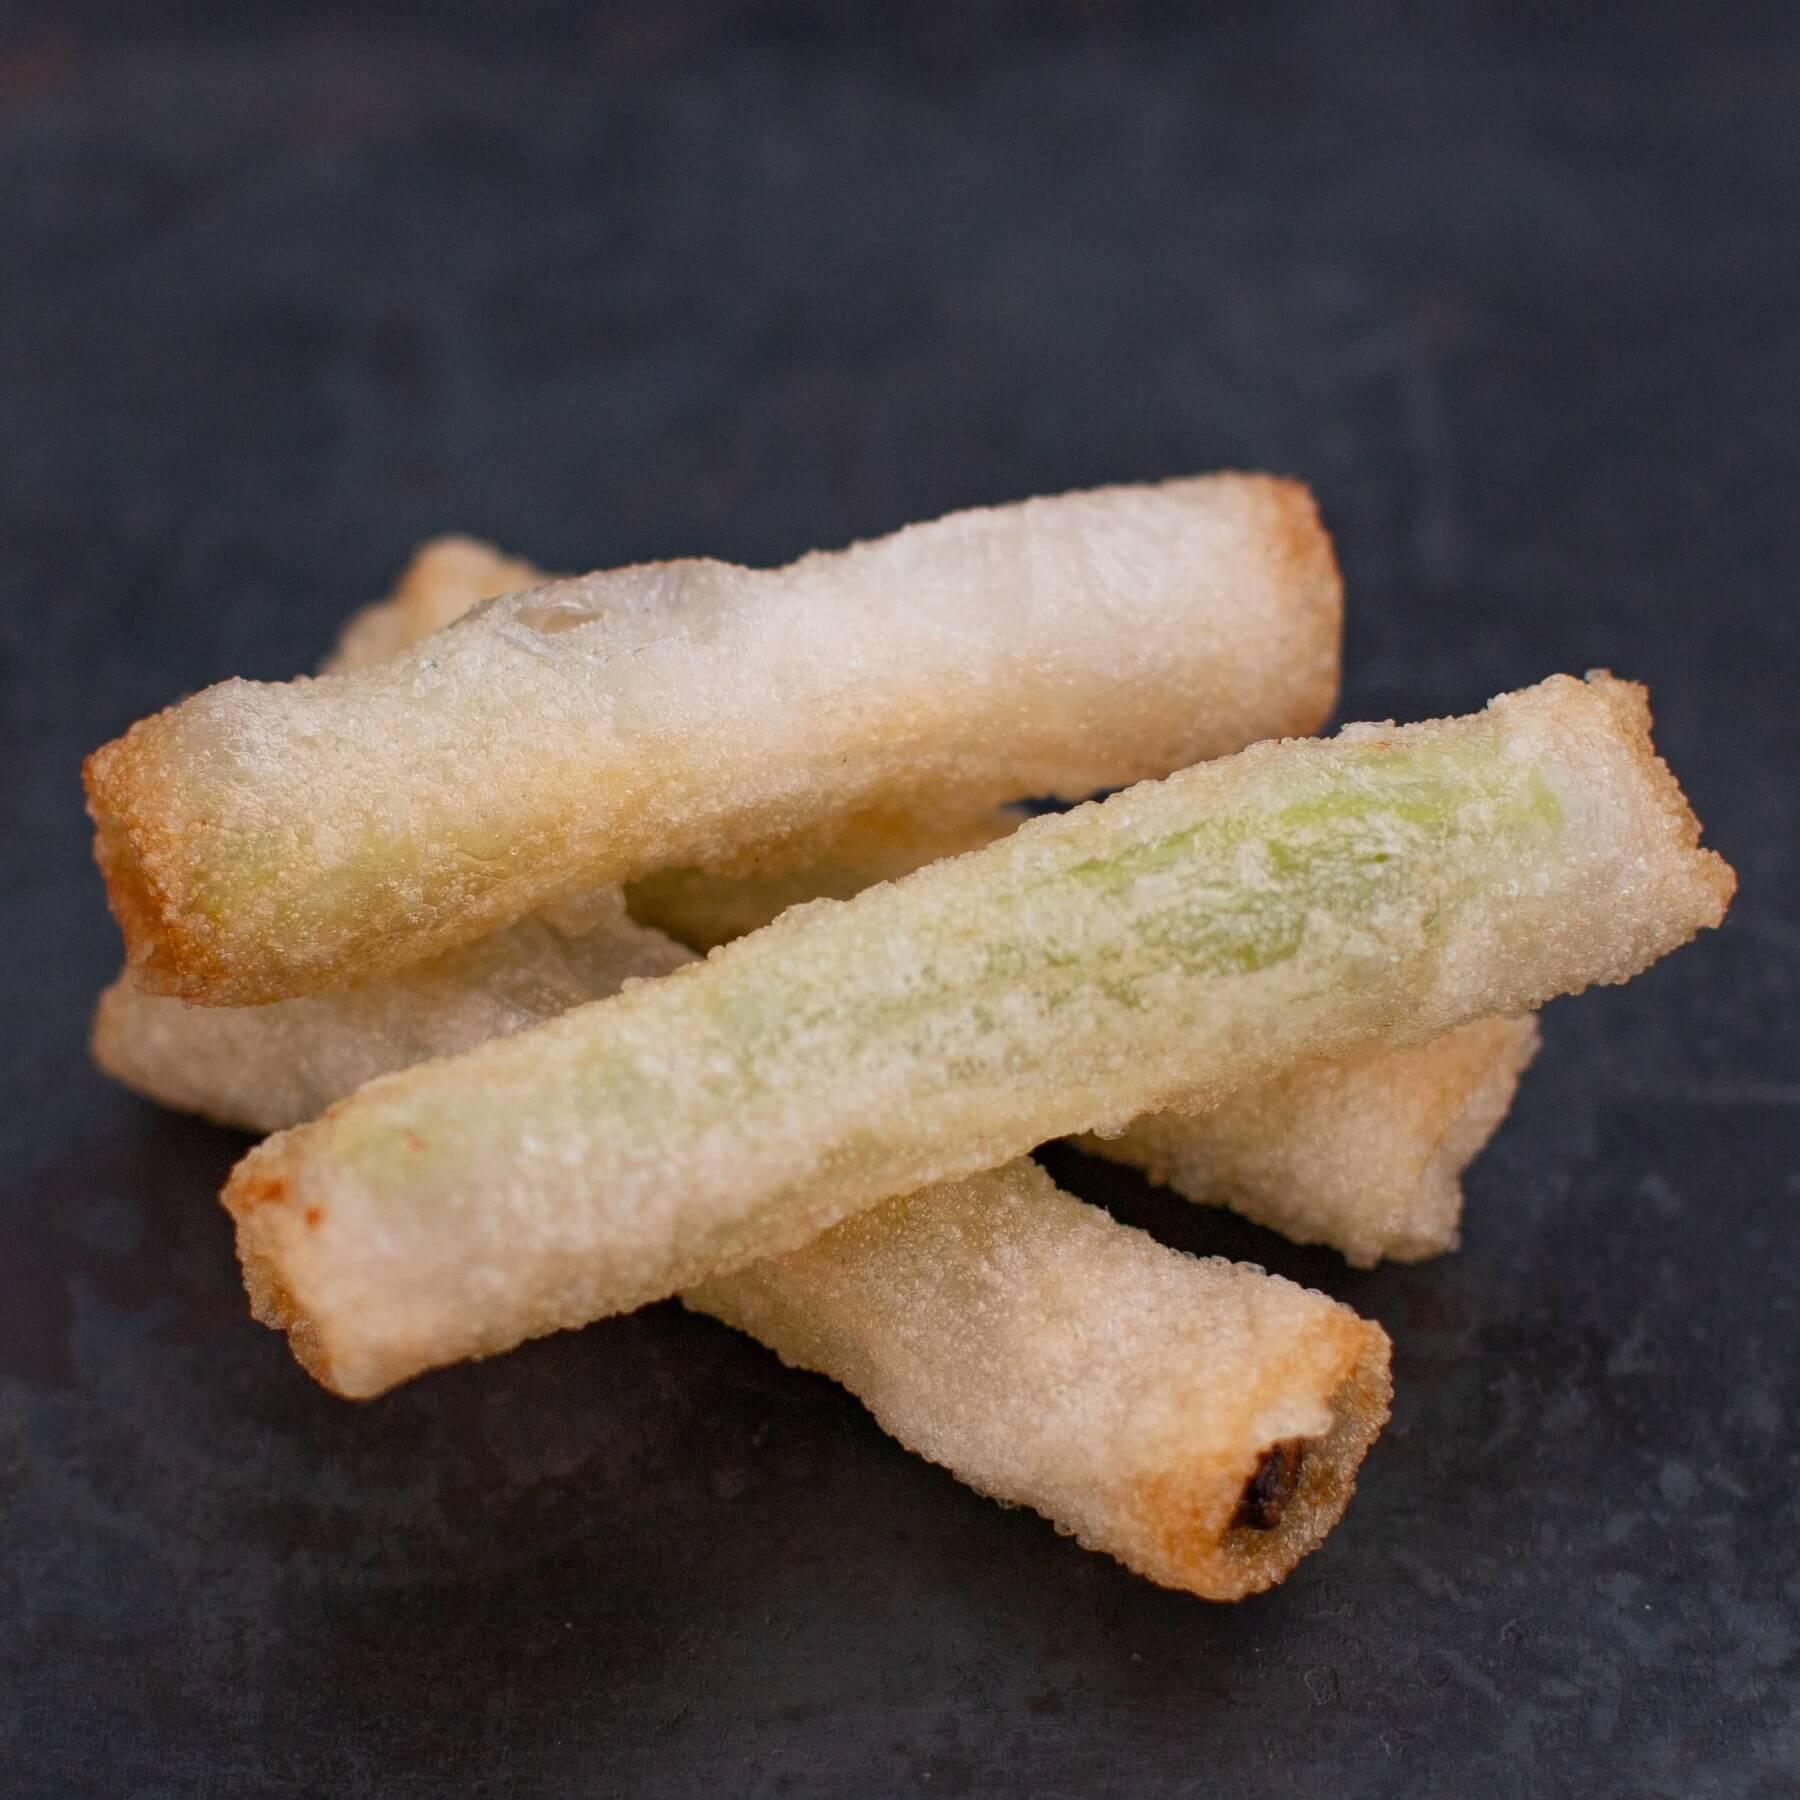 Frittierte Reispapierrollen - Ram cuon